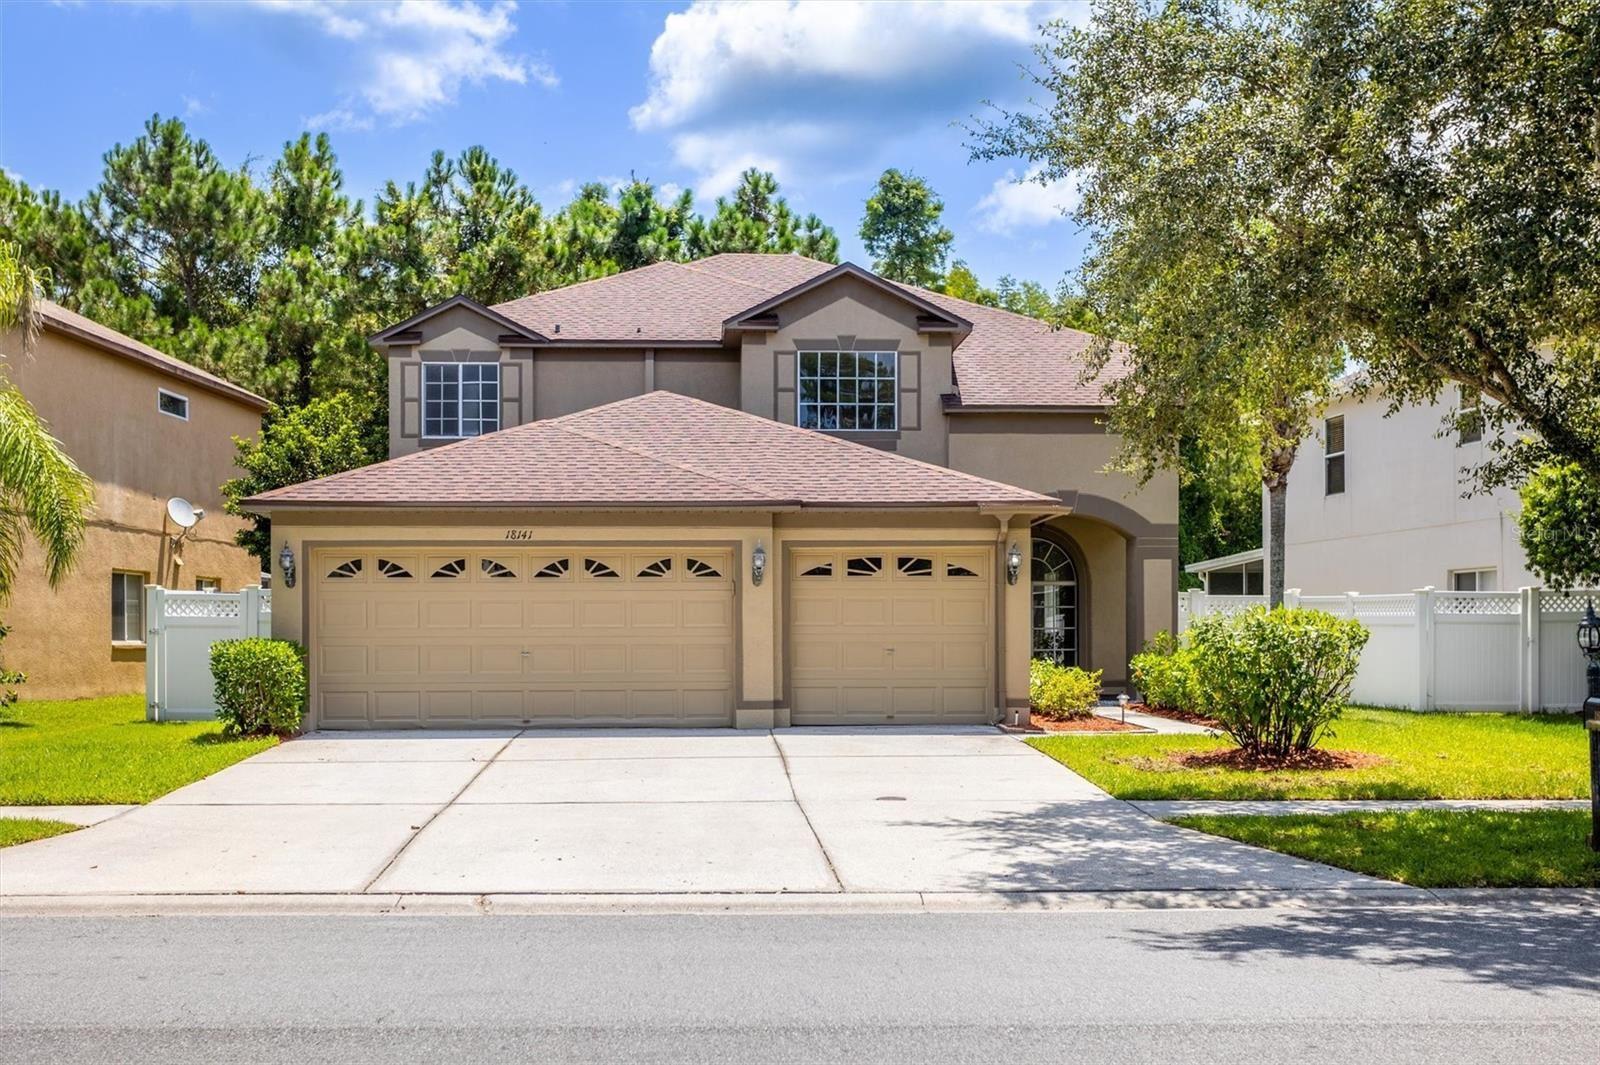 18141 SANDY POINTE DRIVE, Tampa, FL 33647 - MLS#: U8131481